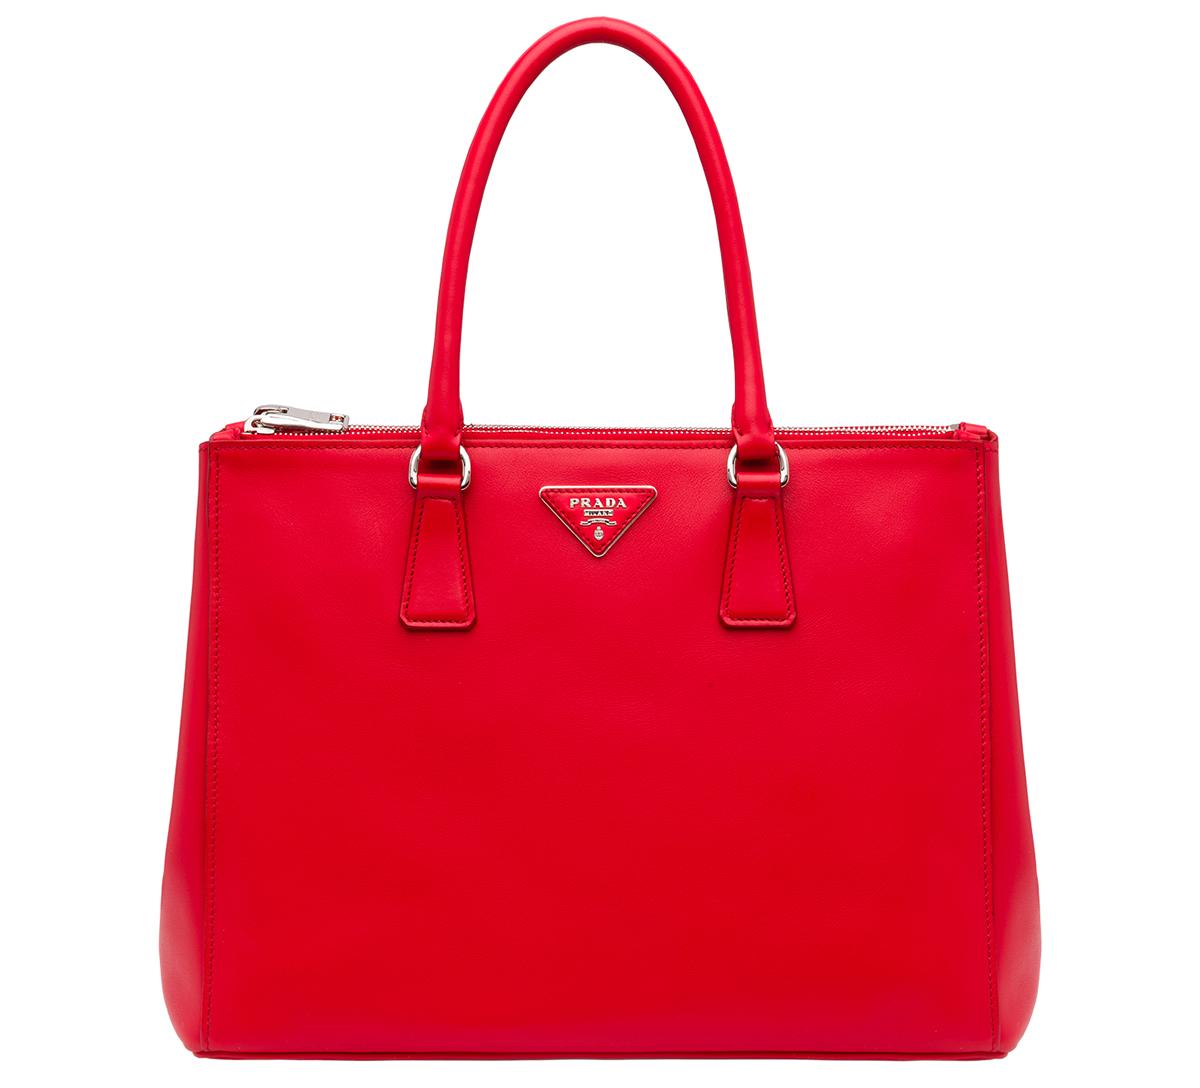 Prada Galleria Bag Laquer Red